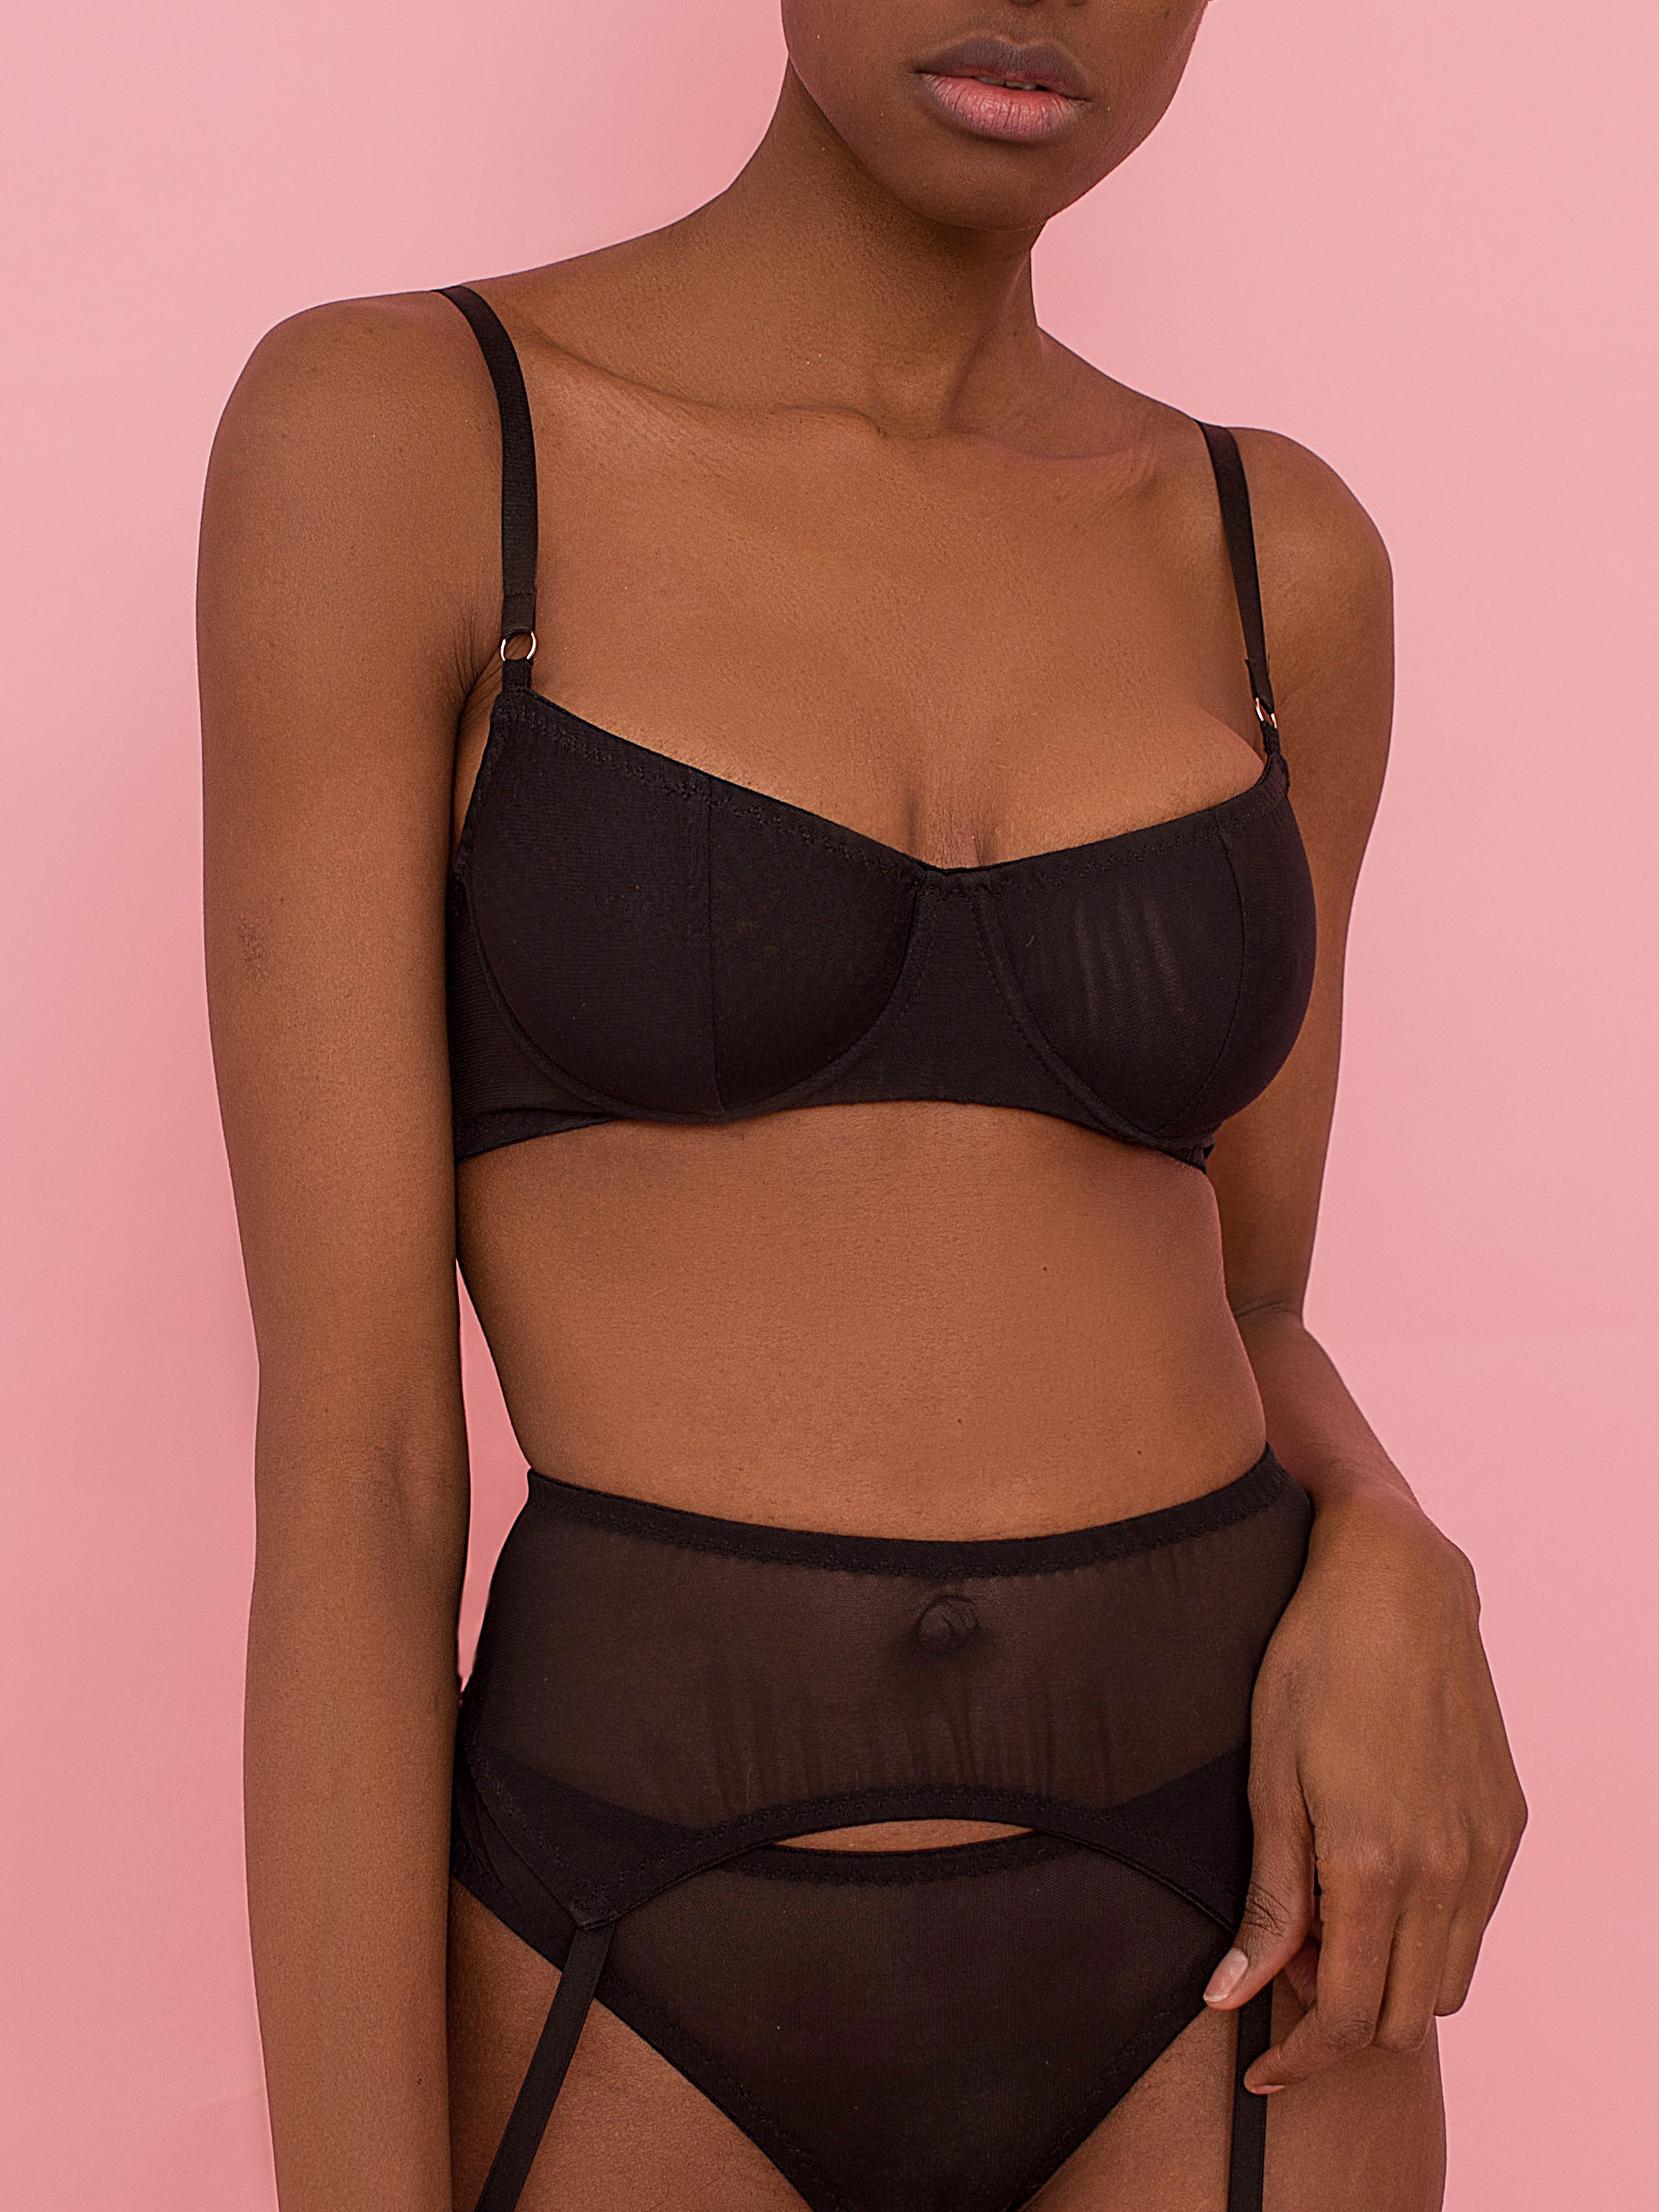 basic bra